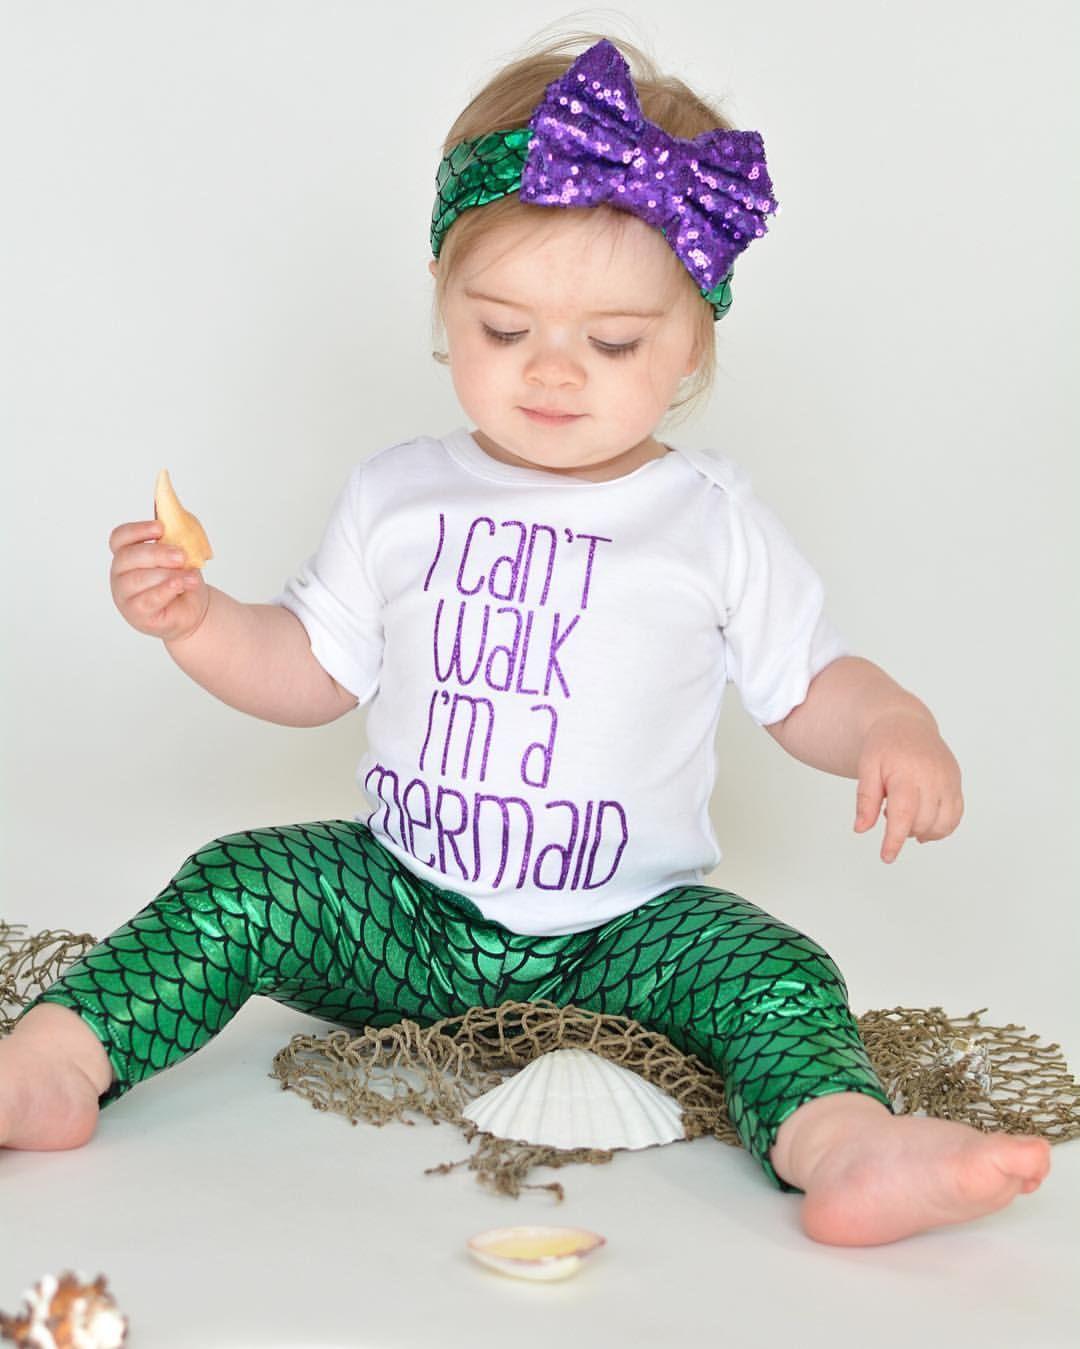 i cant walk im a mermaid baby mermaidmermaid clothesmermaid outfitmermaid - Baby Mermaid Halloween Costume